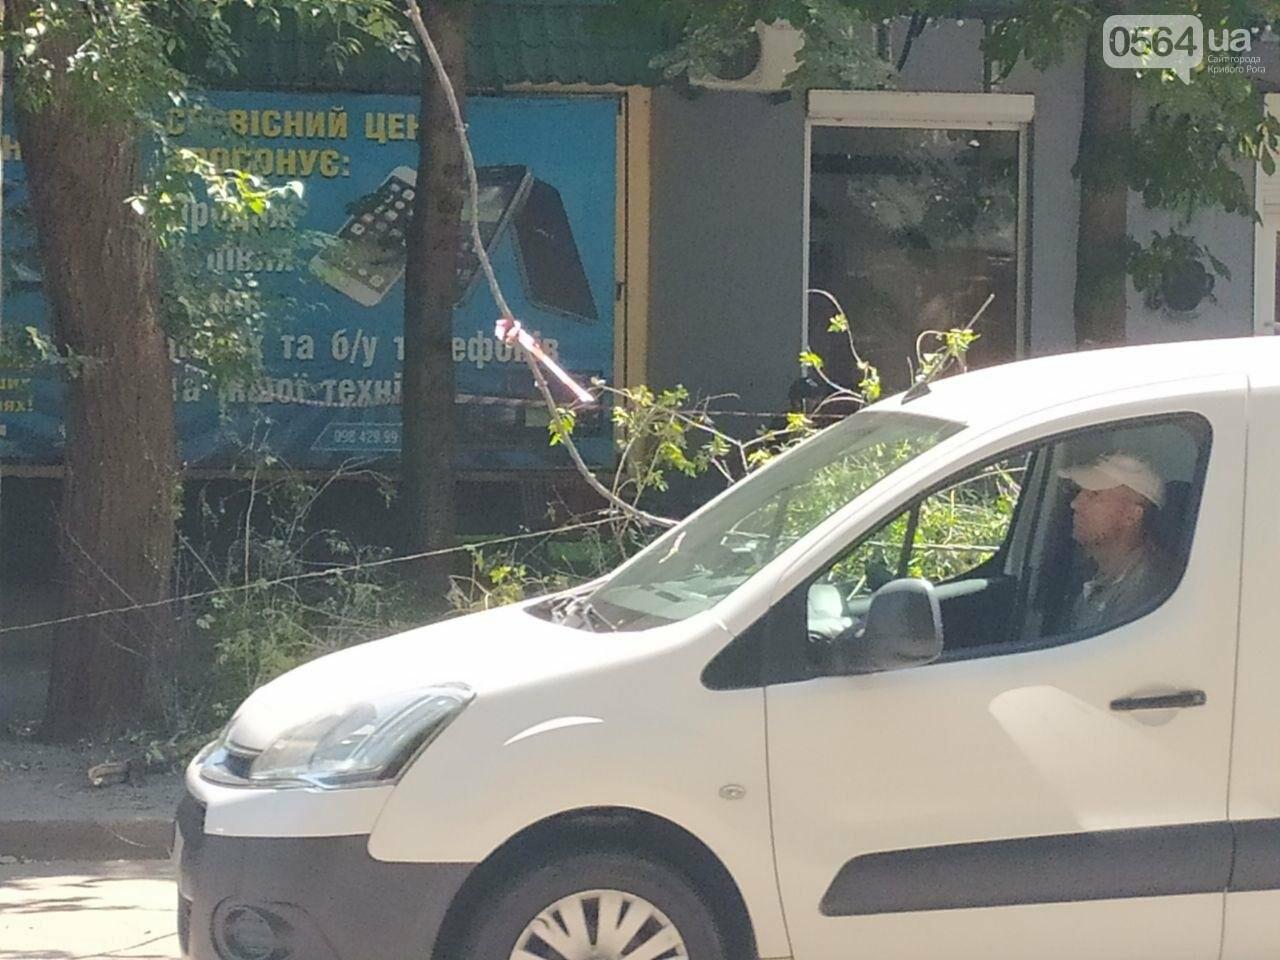 В Кривом Роге сломавшаяся электроопора, удерживаемая каркасом из арматуры, зависла прямо над тротуаром, - ФОТО, фото-6